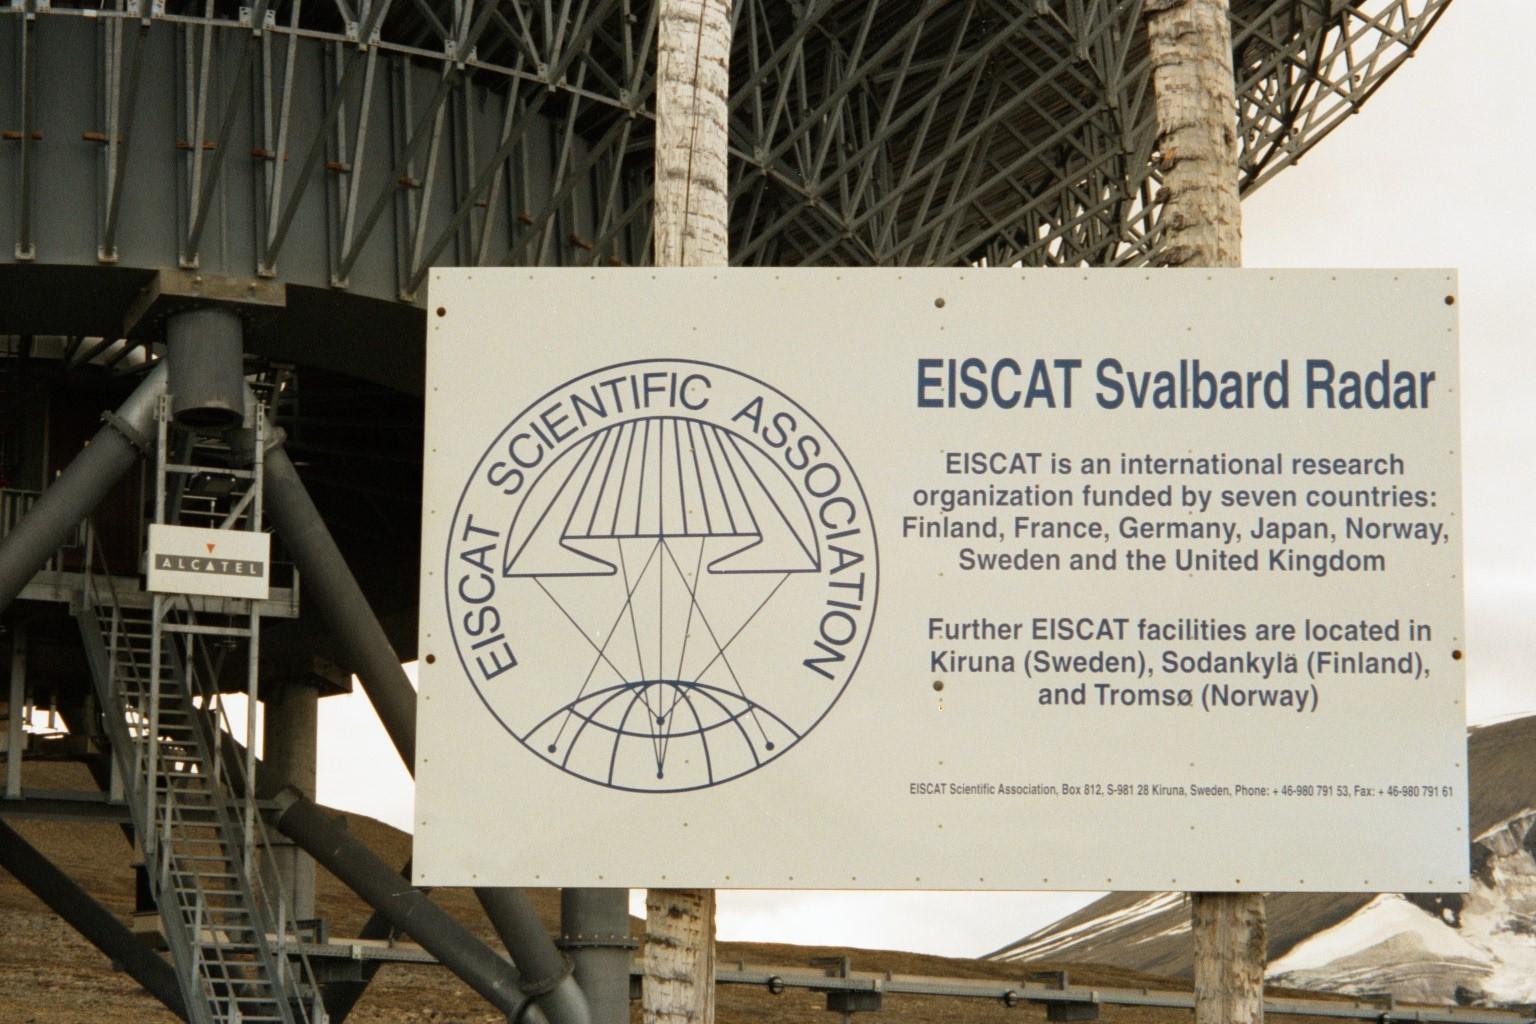 Eiscat3